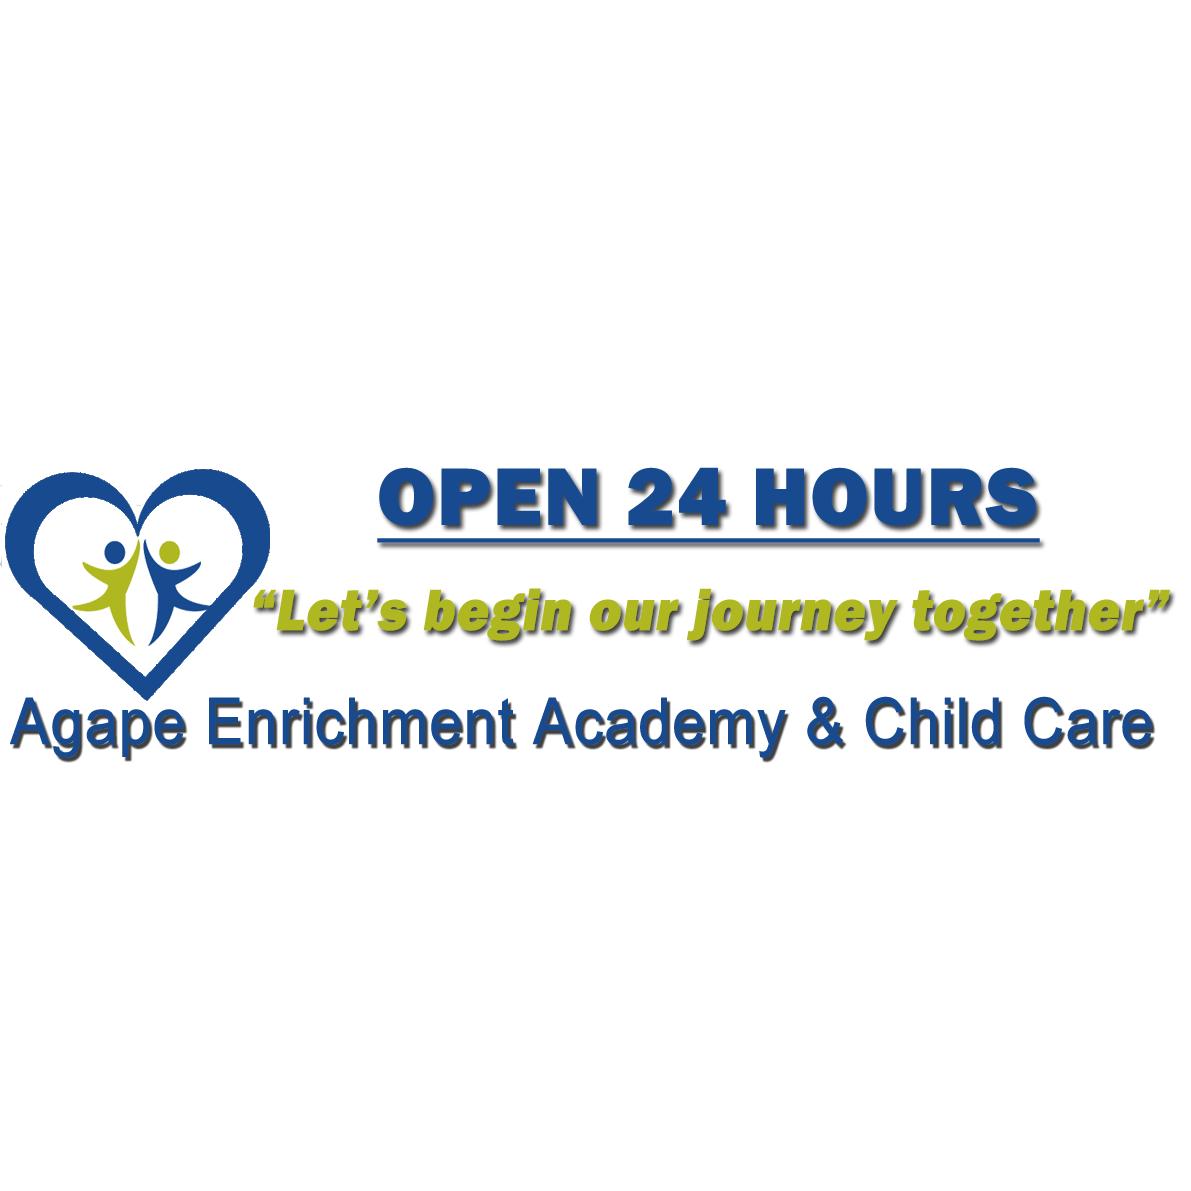 Agape Enrichment Academy & Child Care